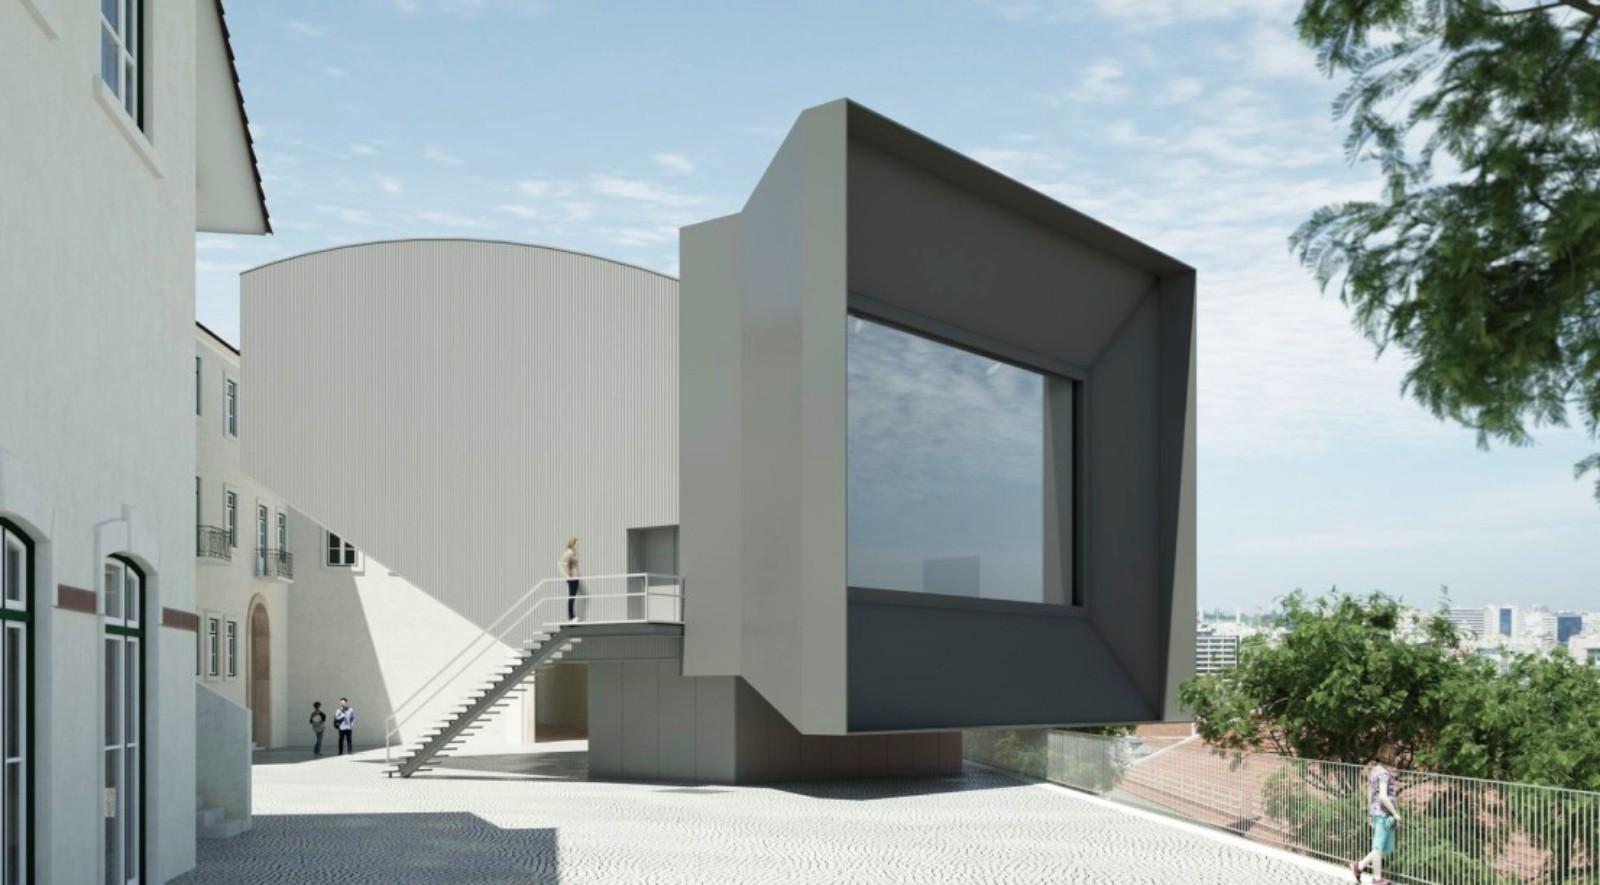 New Auditorium of Santa Casa da Misericórdia